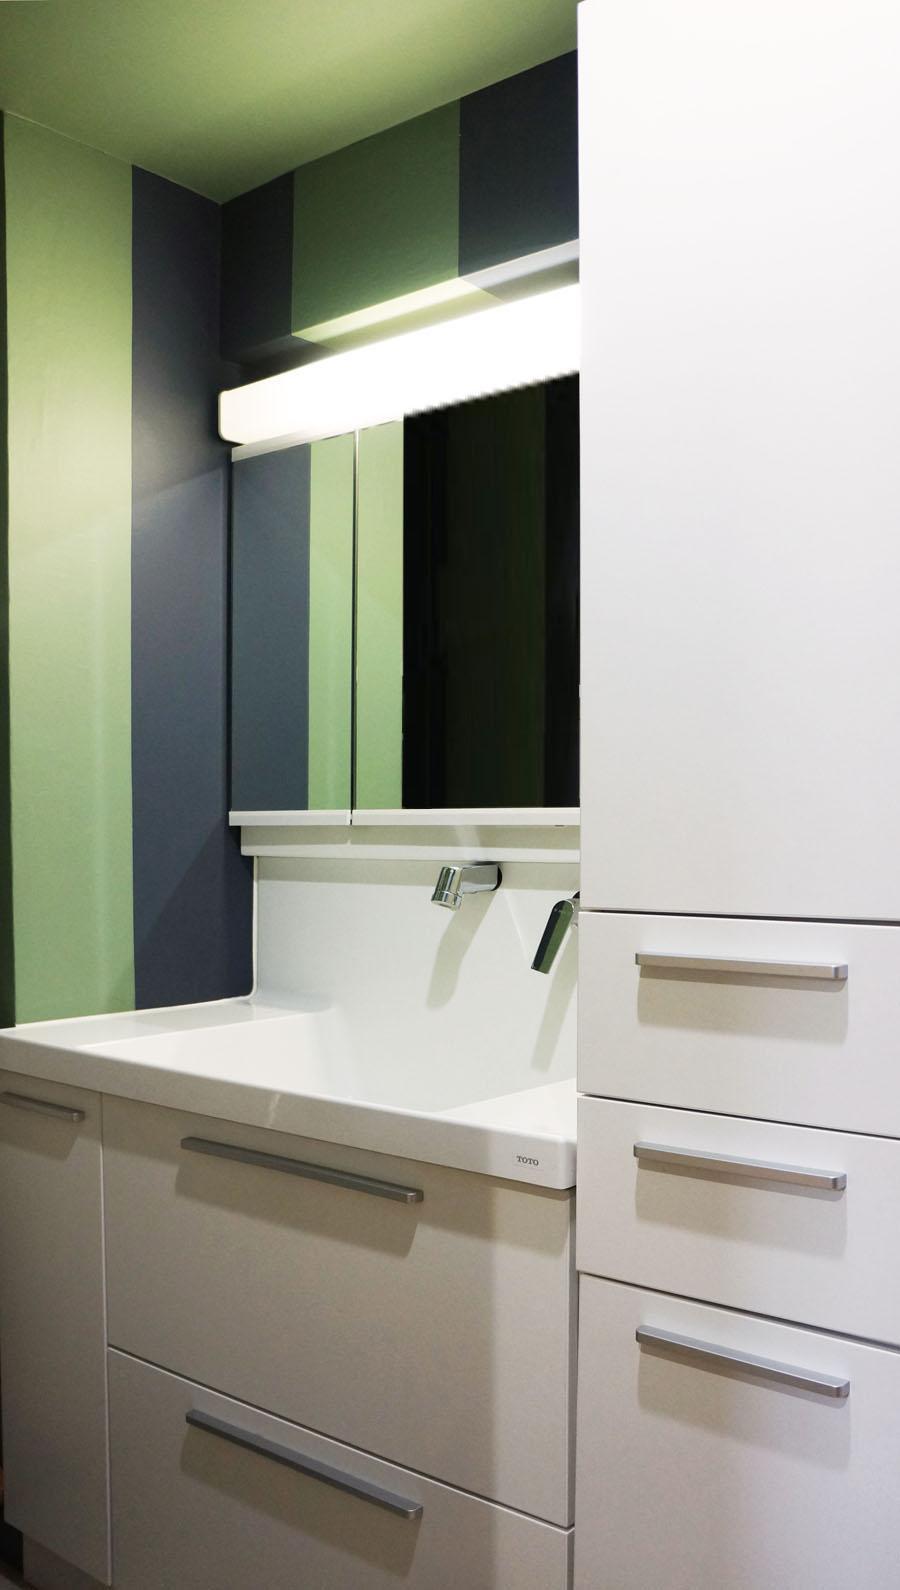 すっきりとしていて機能的な洗面台